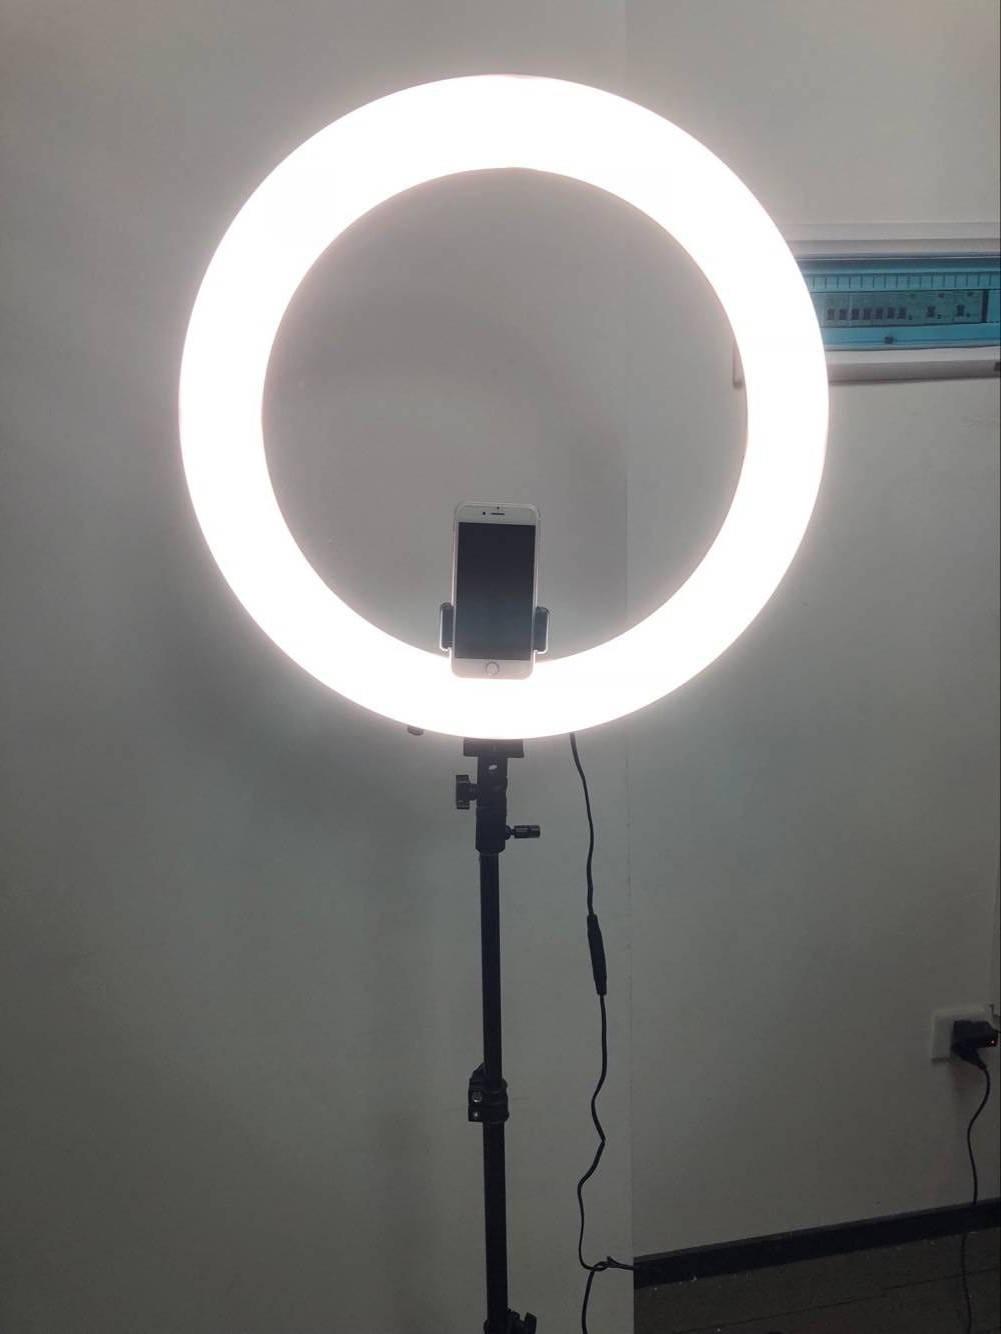 Как выбрать хорошую кольцевую лампу - ошибки и правила для блоггера и визажиста.